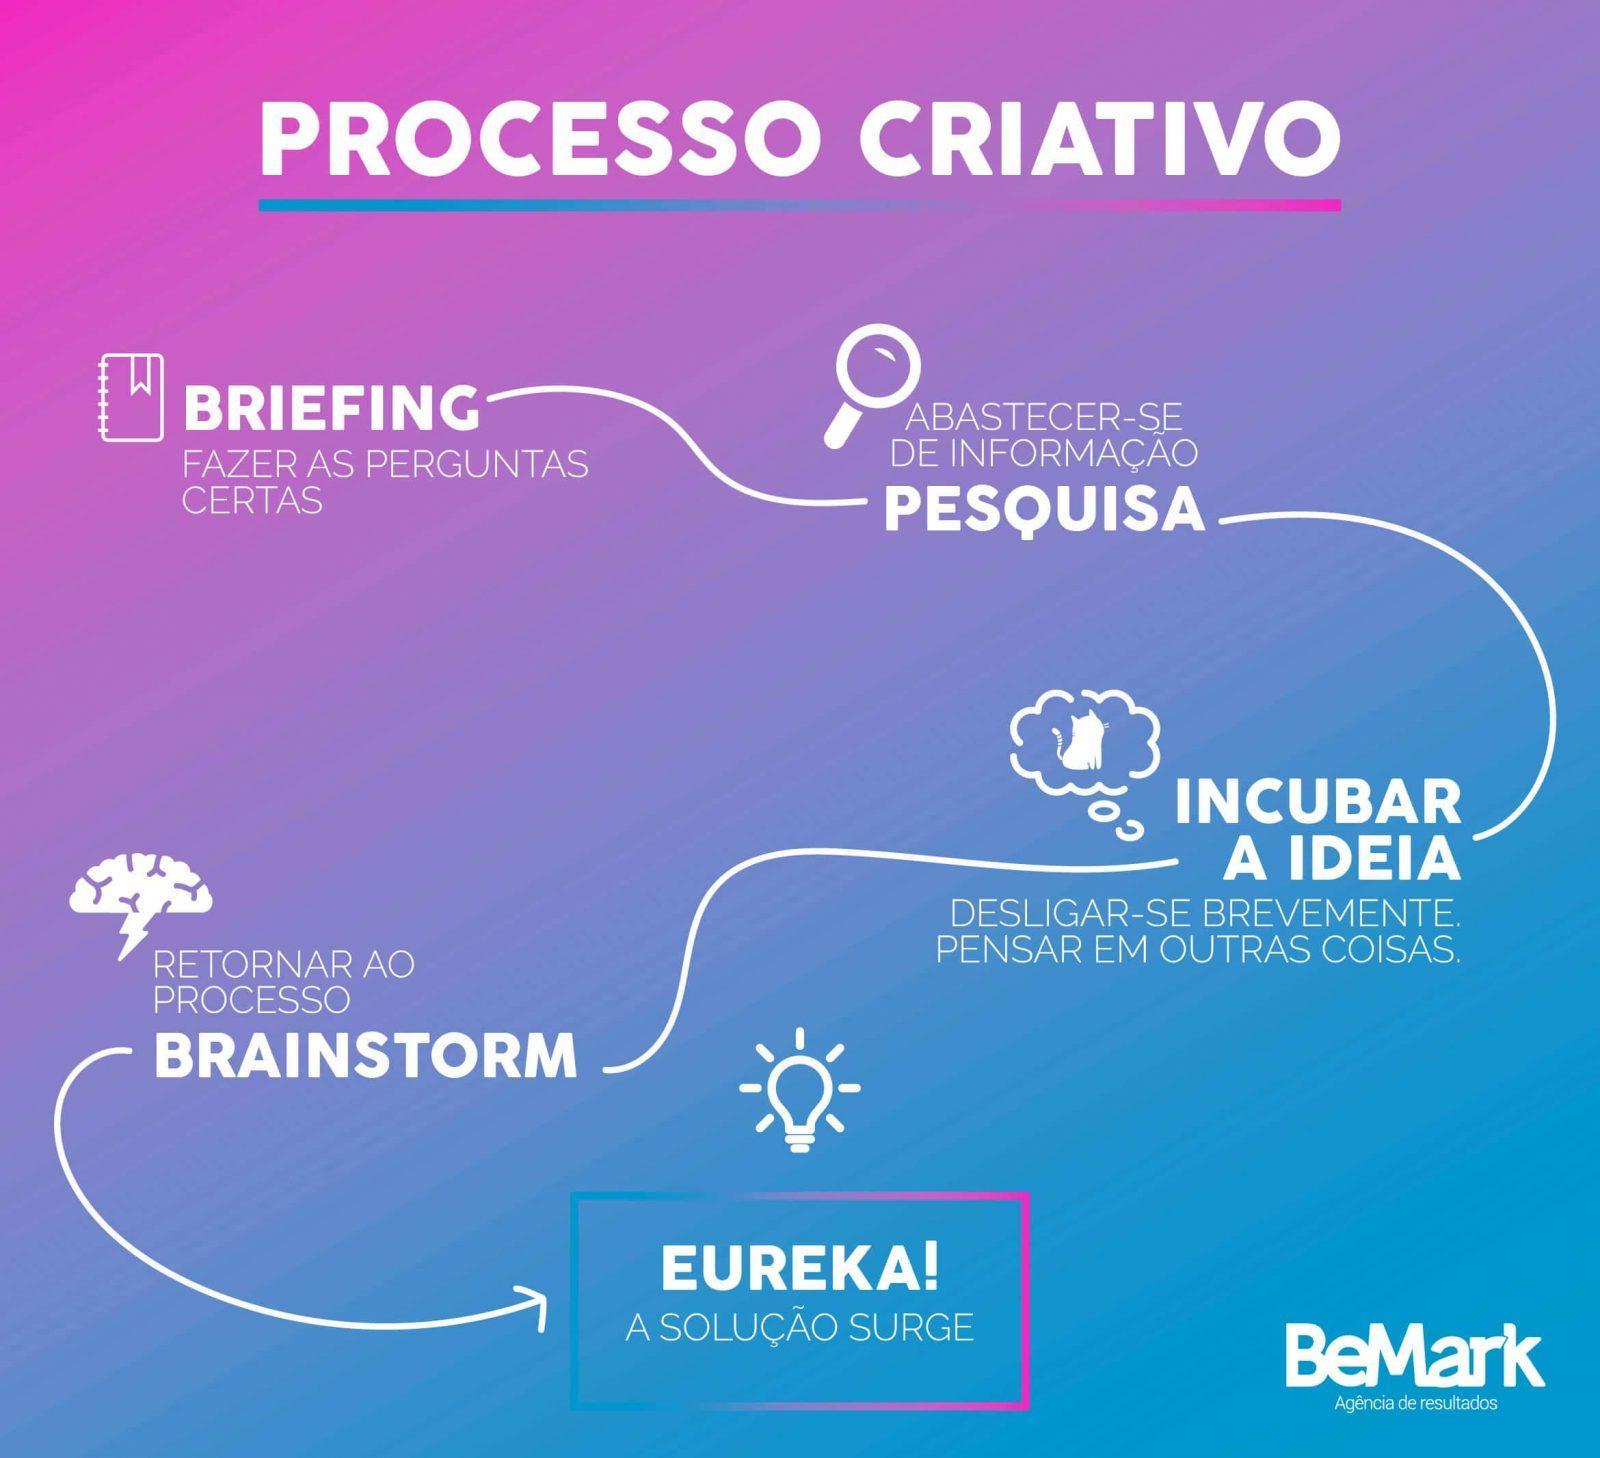 processo criativo bemark